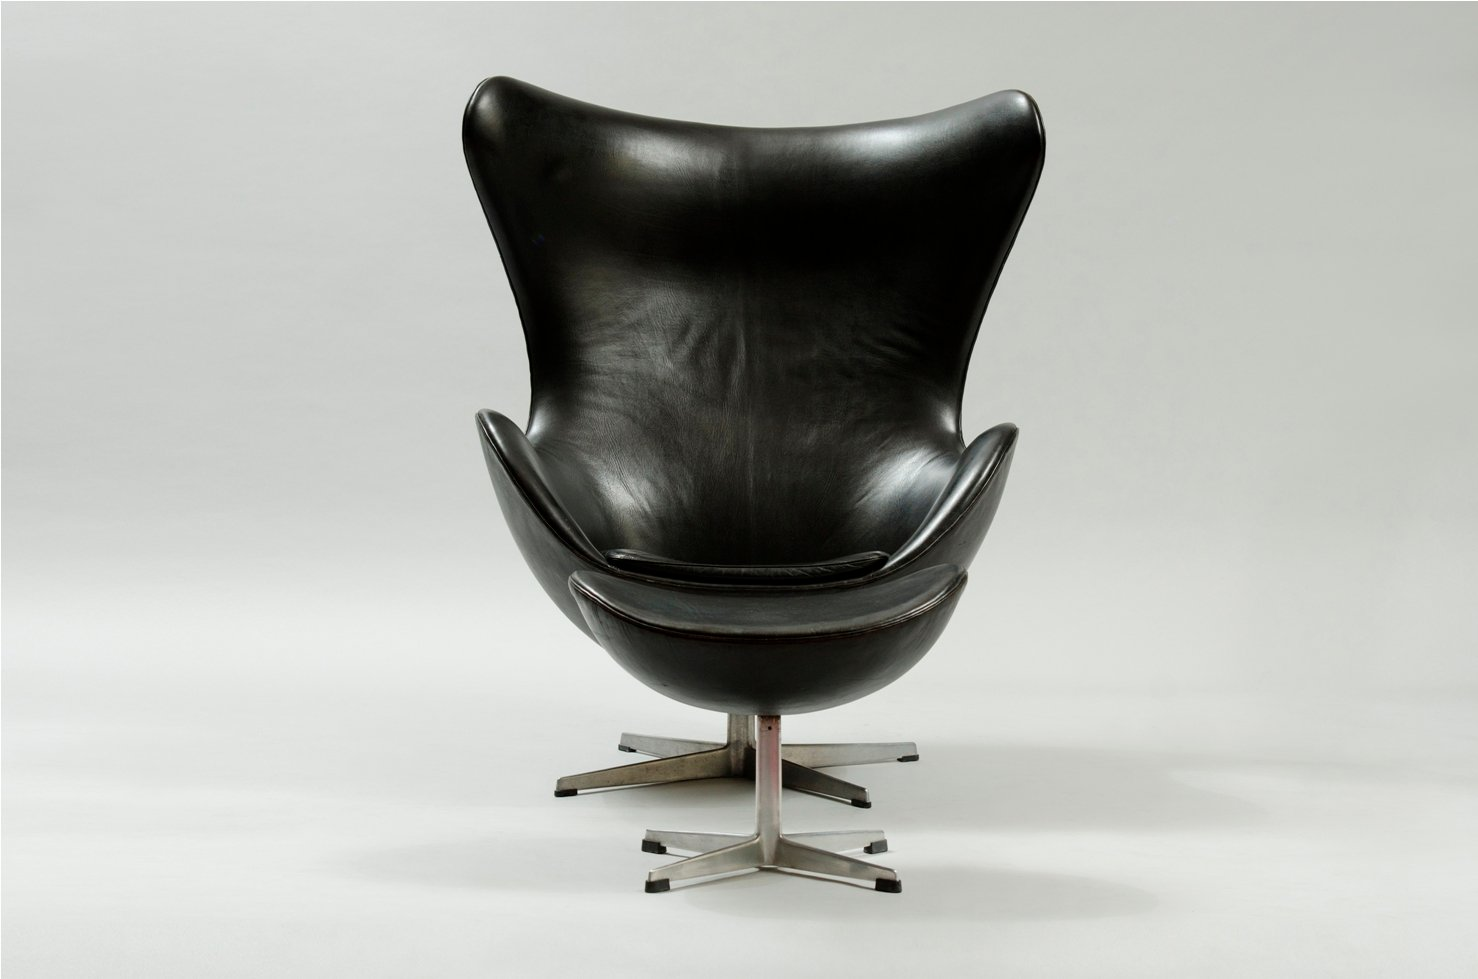 egg chair und ottoman von arne jacobsen f r fritz hansen bei pamono kaufen. Black Bedroom Furniture Sets. Home Design Ideas